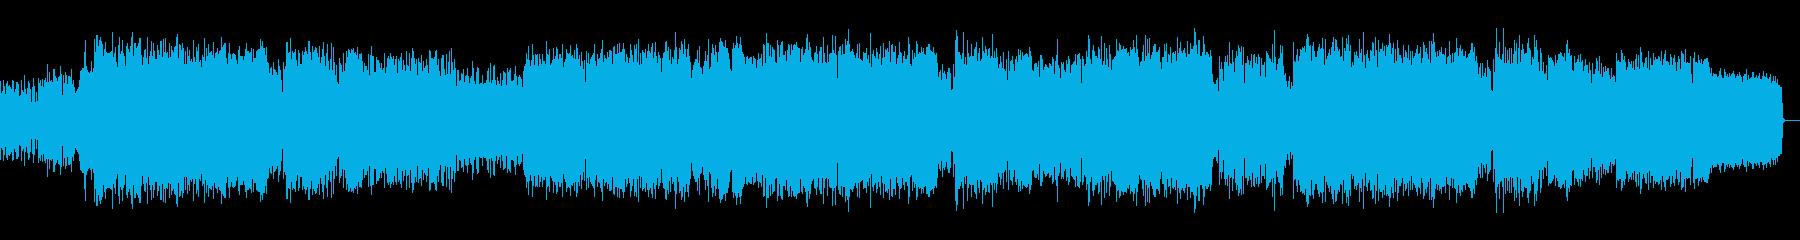 ポジティブでROCKな楽曲の再生済みの波形